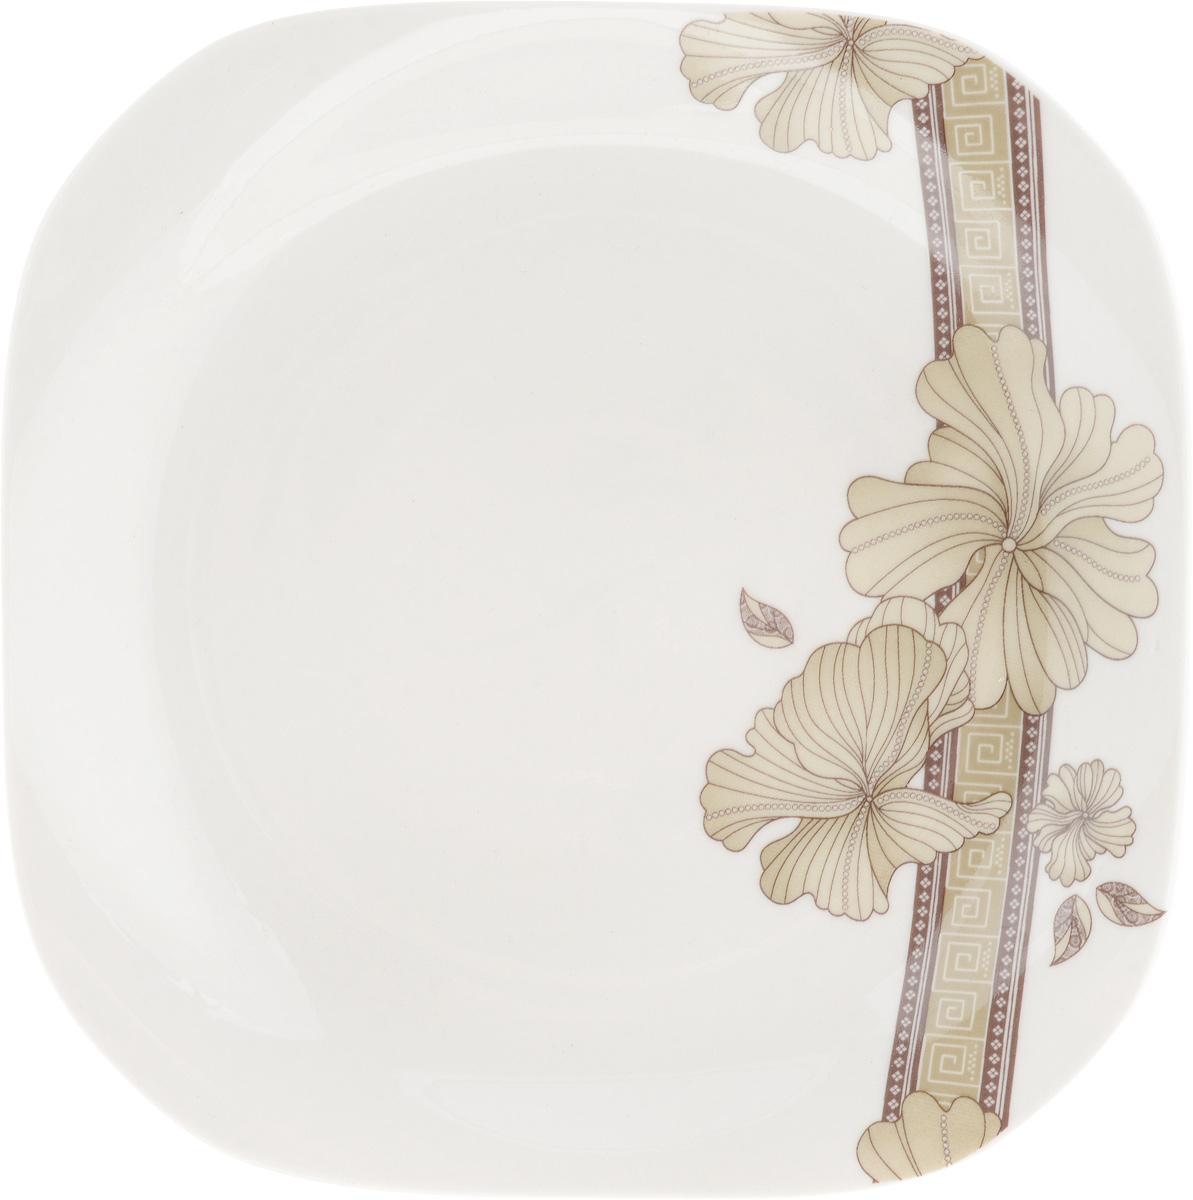 Тарелка десертная София, 18 x 18 см216704Десертная тарелка София, изготовленная из качественного фарфора с глазурованным покрытием. Такая тарелка прекрасно подходит как для торжественных случаев, так и для повседневного использования. Идеальна для подачи десертов, пирожных, тортов и многого другого. Она прекрасно оформит стол и станет отличным дополнением к вашей коллекции кухонной посуды.